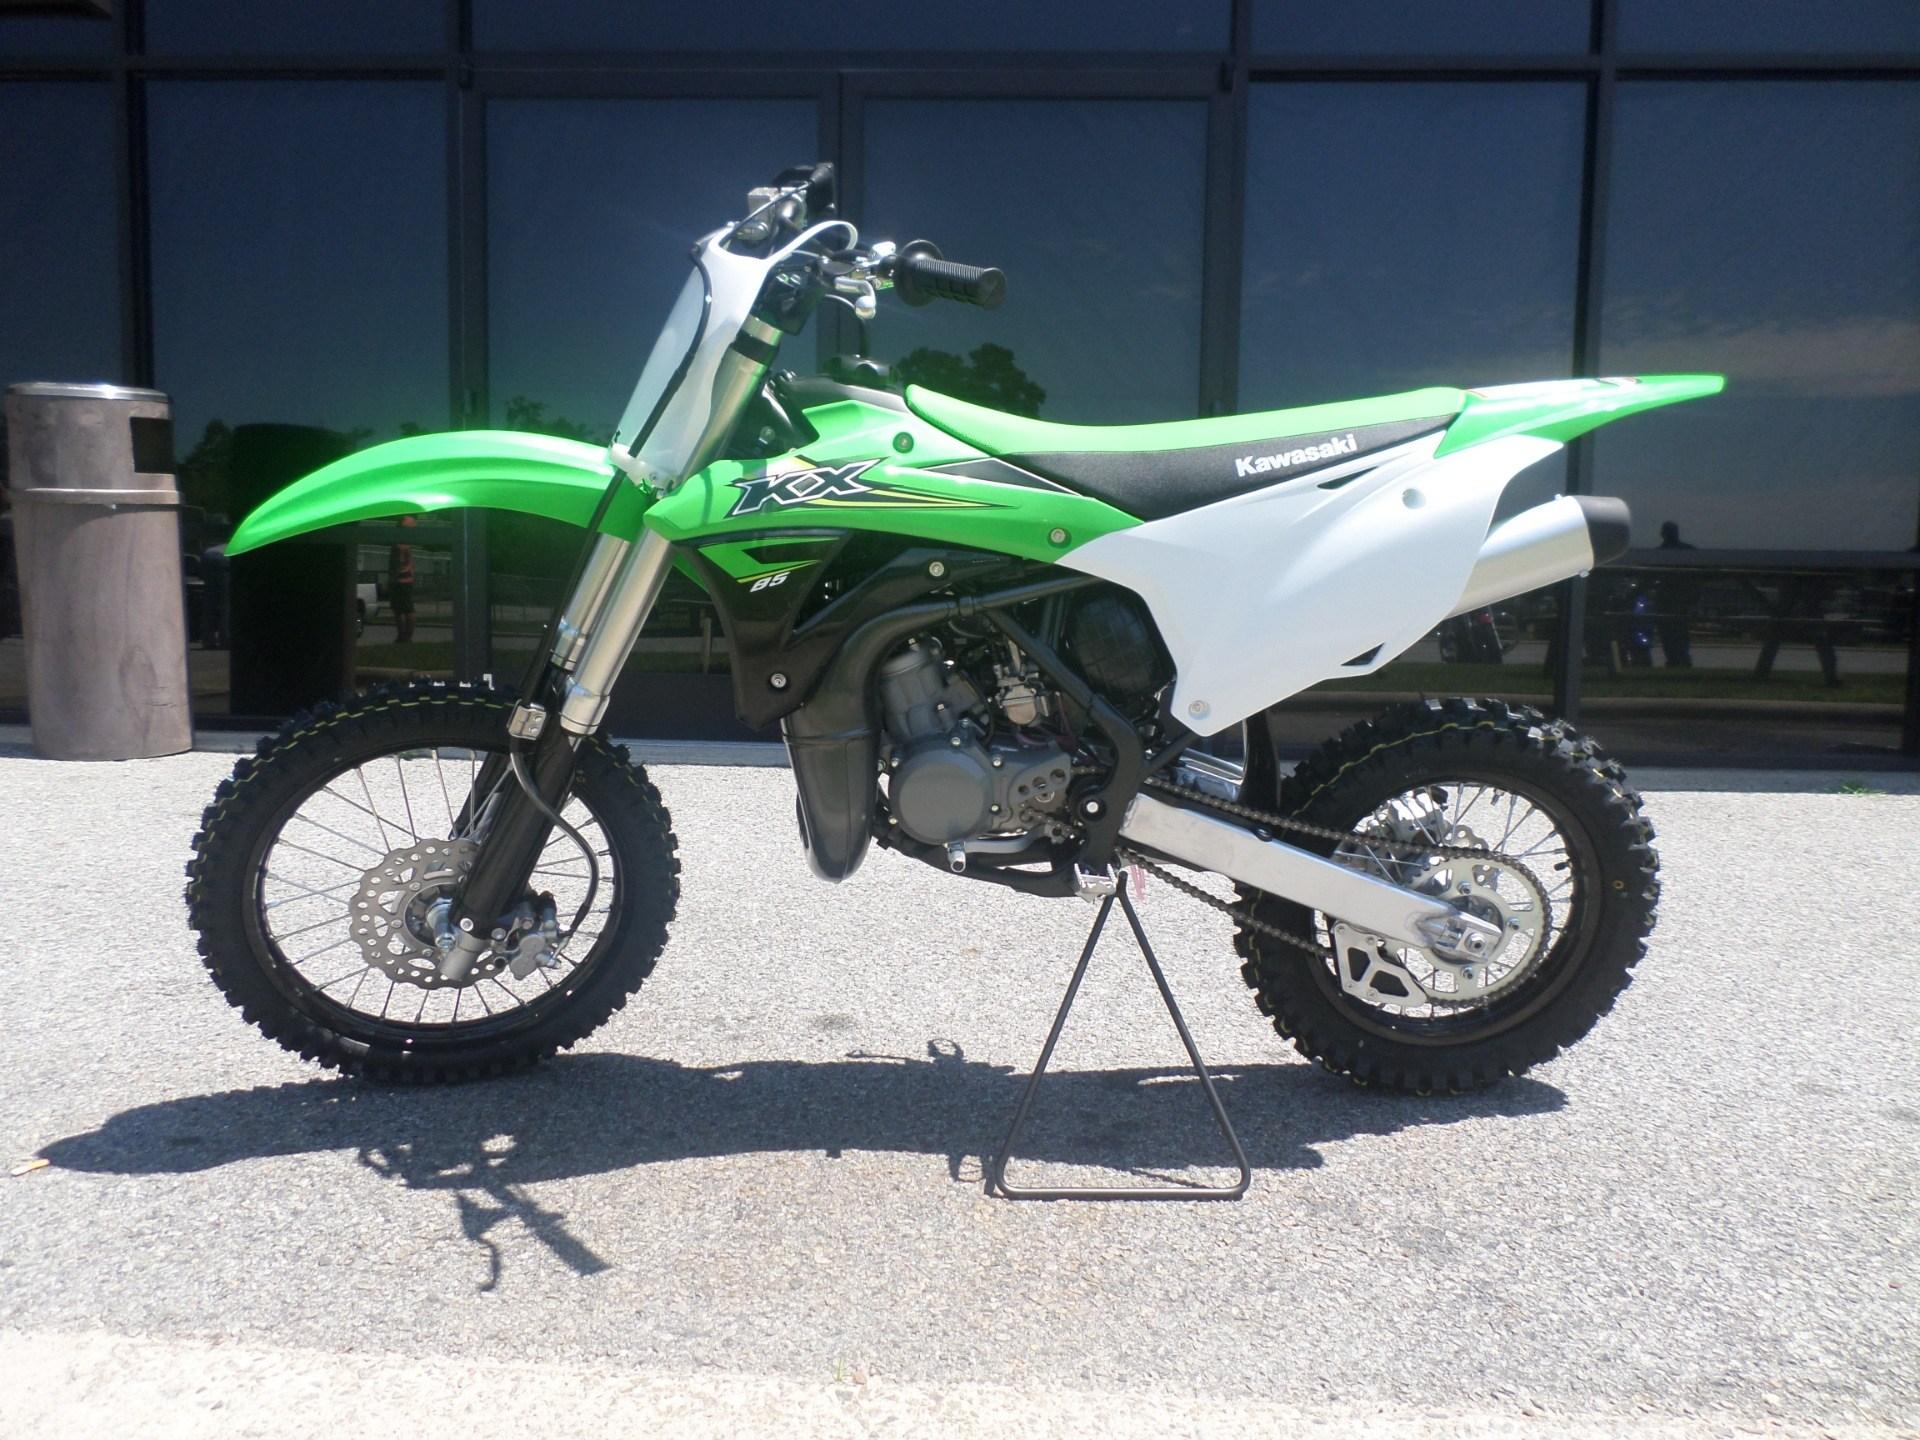 New 2017 Kawasaki KX85 Motorcycles in Greenville NC